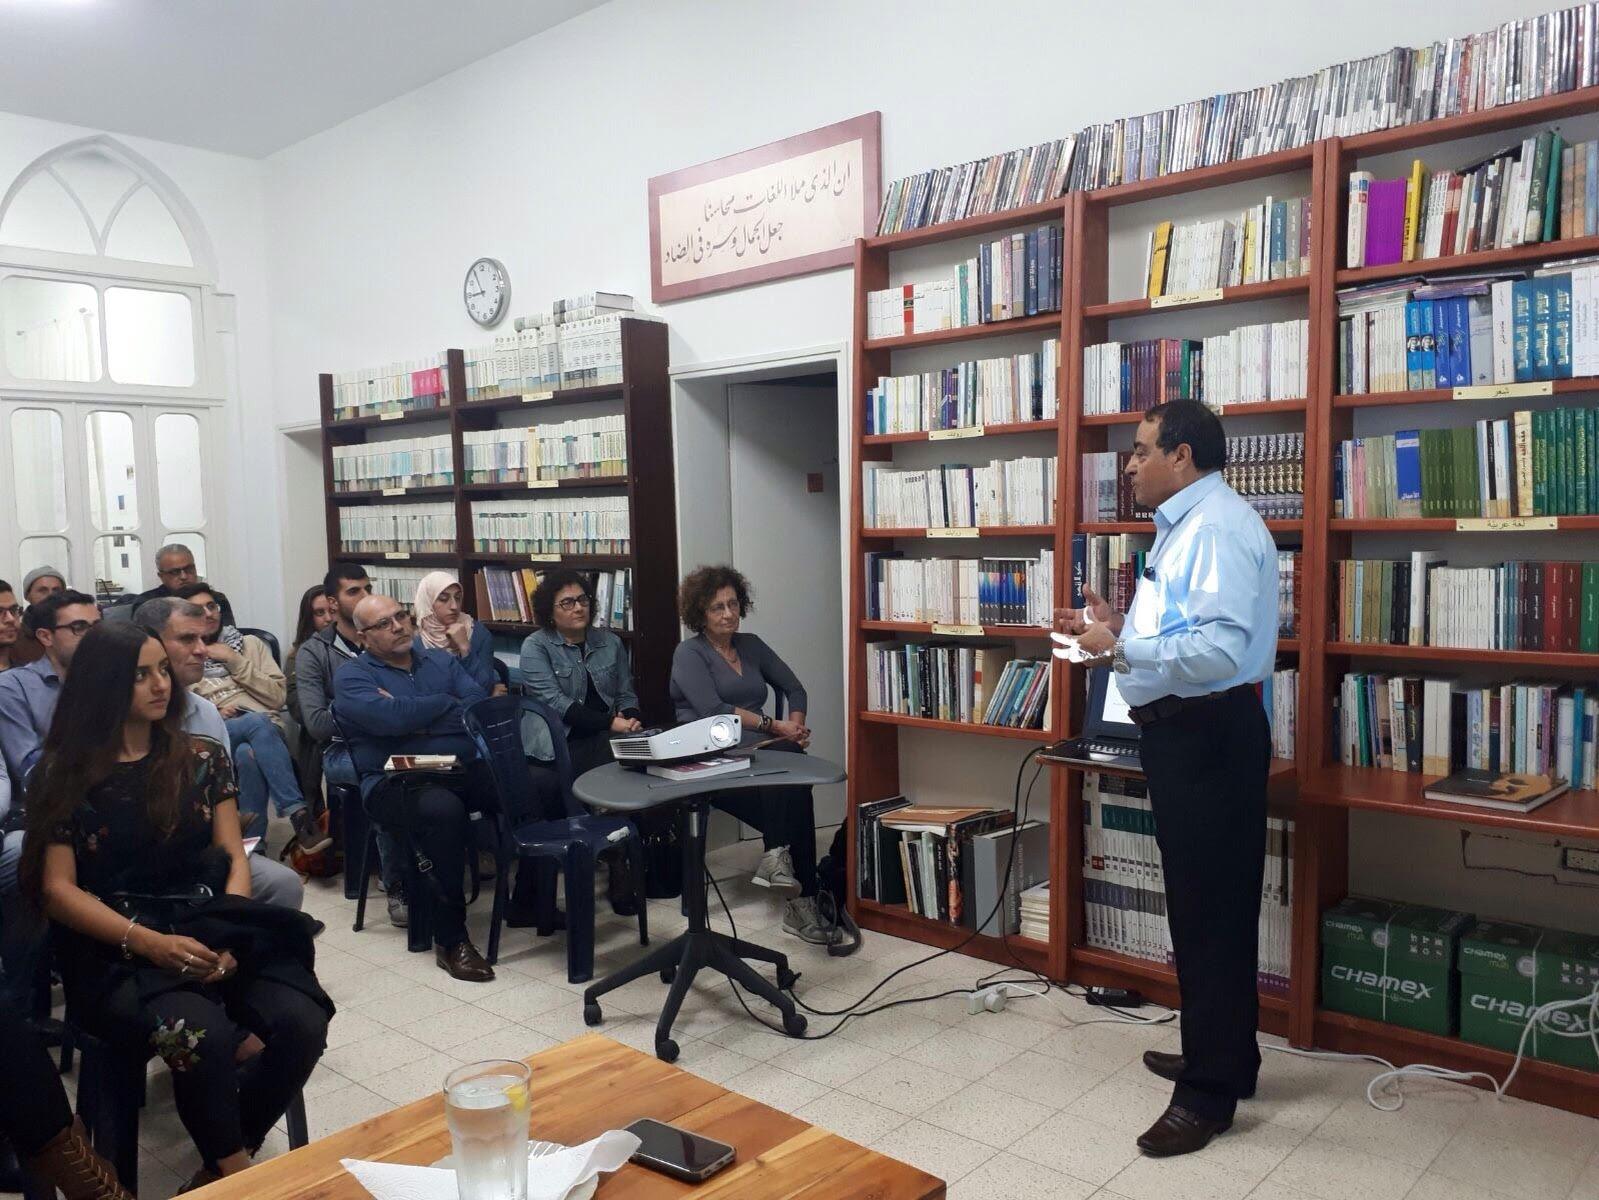 أ.د. يزبك: يجب أن يتعلم كلّ طلابنا عن تاريخ ظاهر العمر الزيداني!